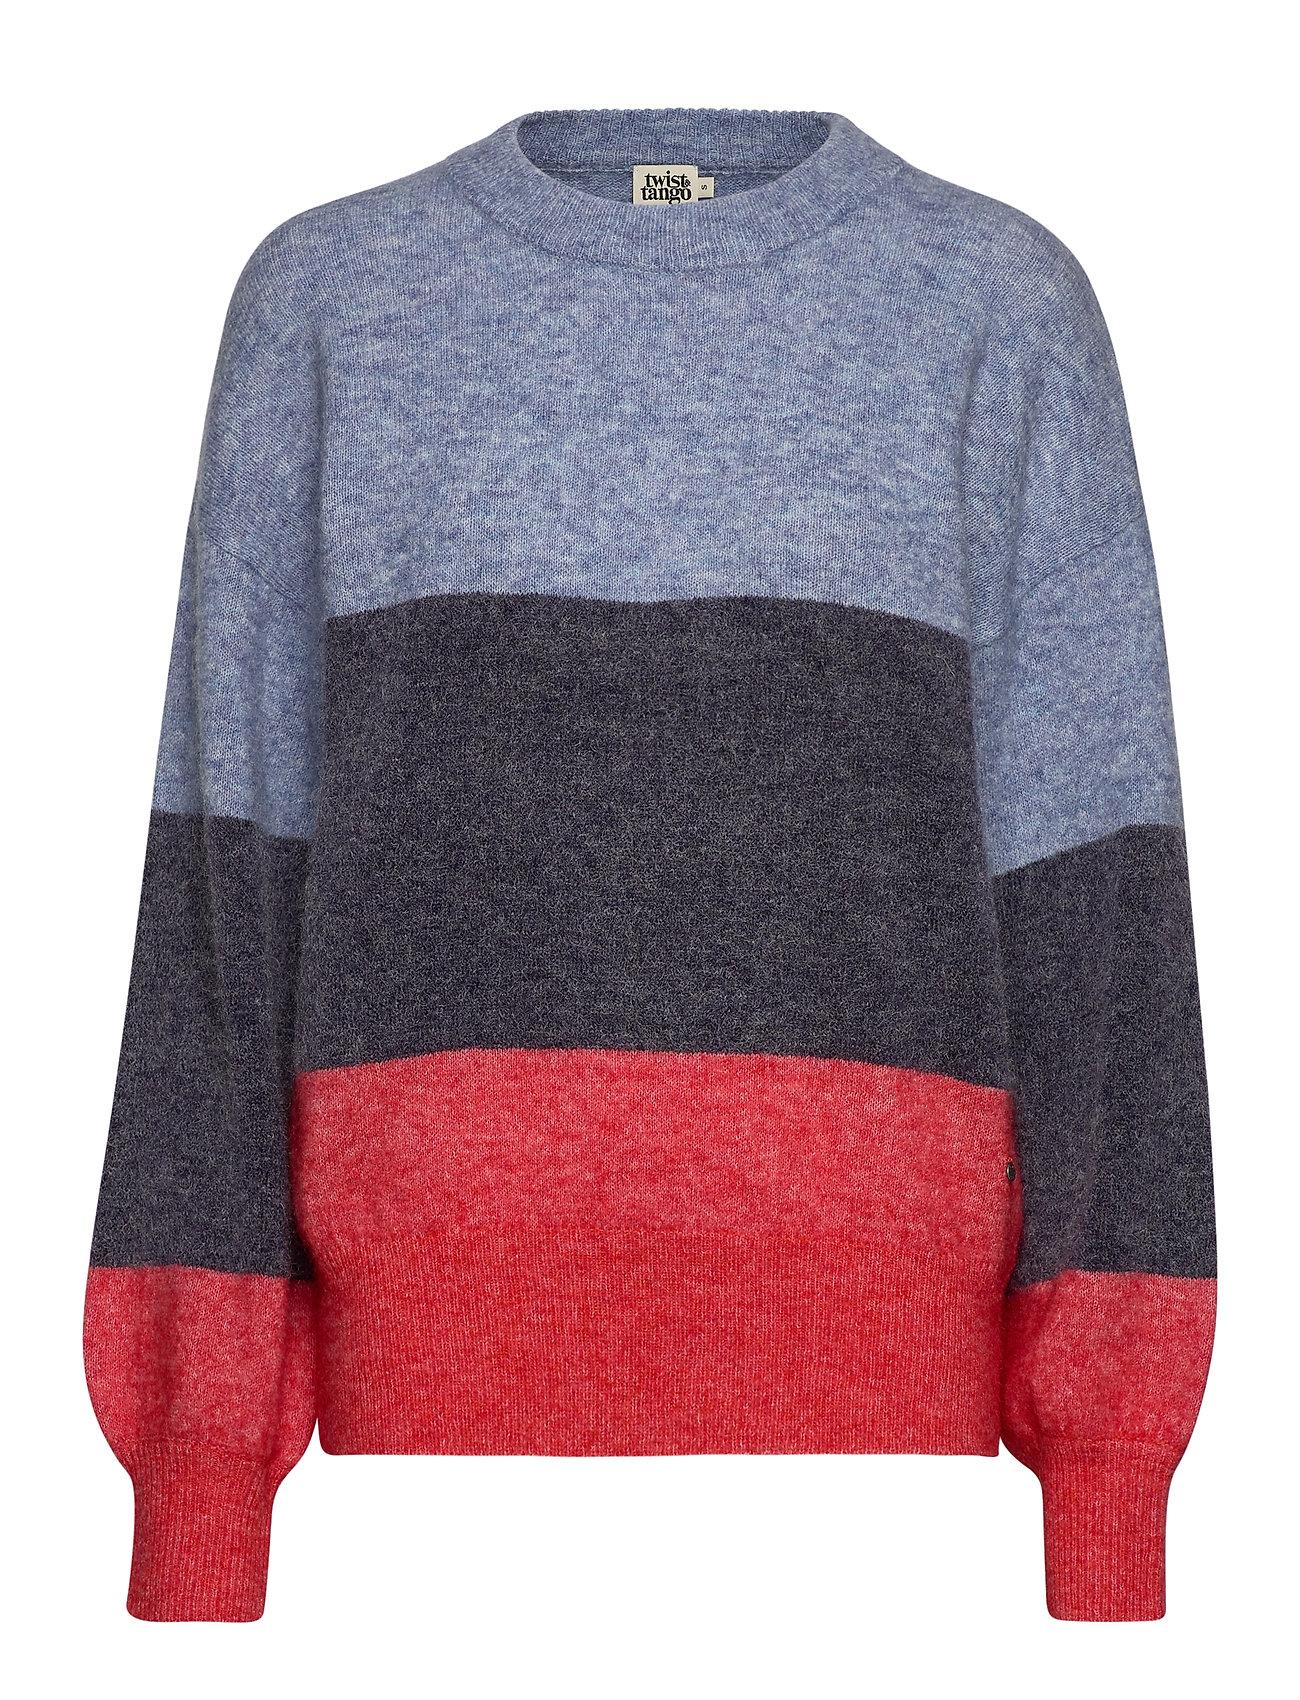 Twist & Tango Zina Sweater - NAVY STRIPE